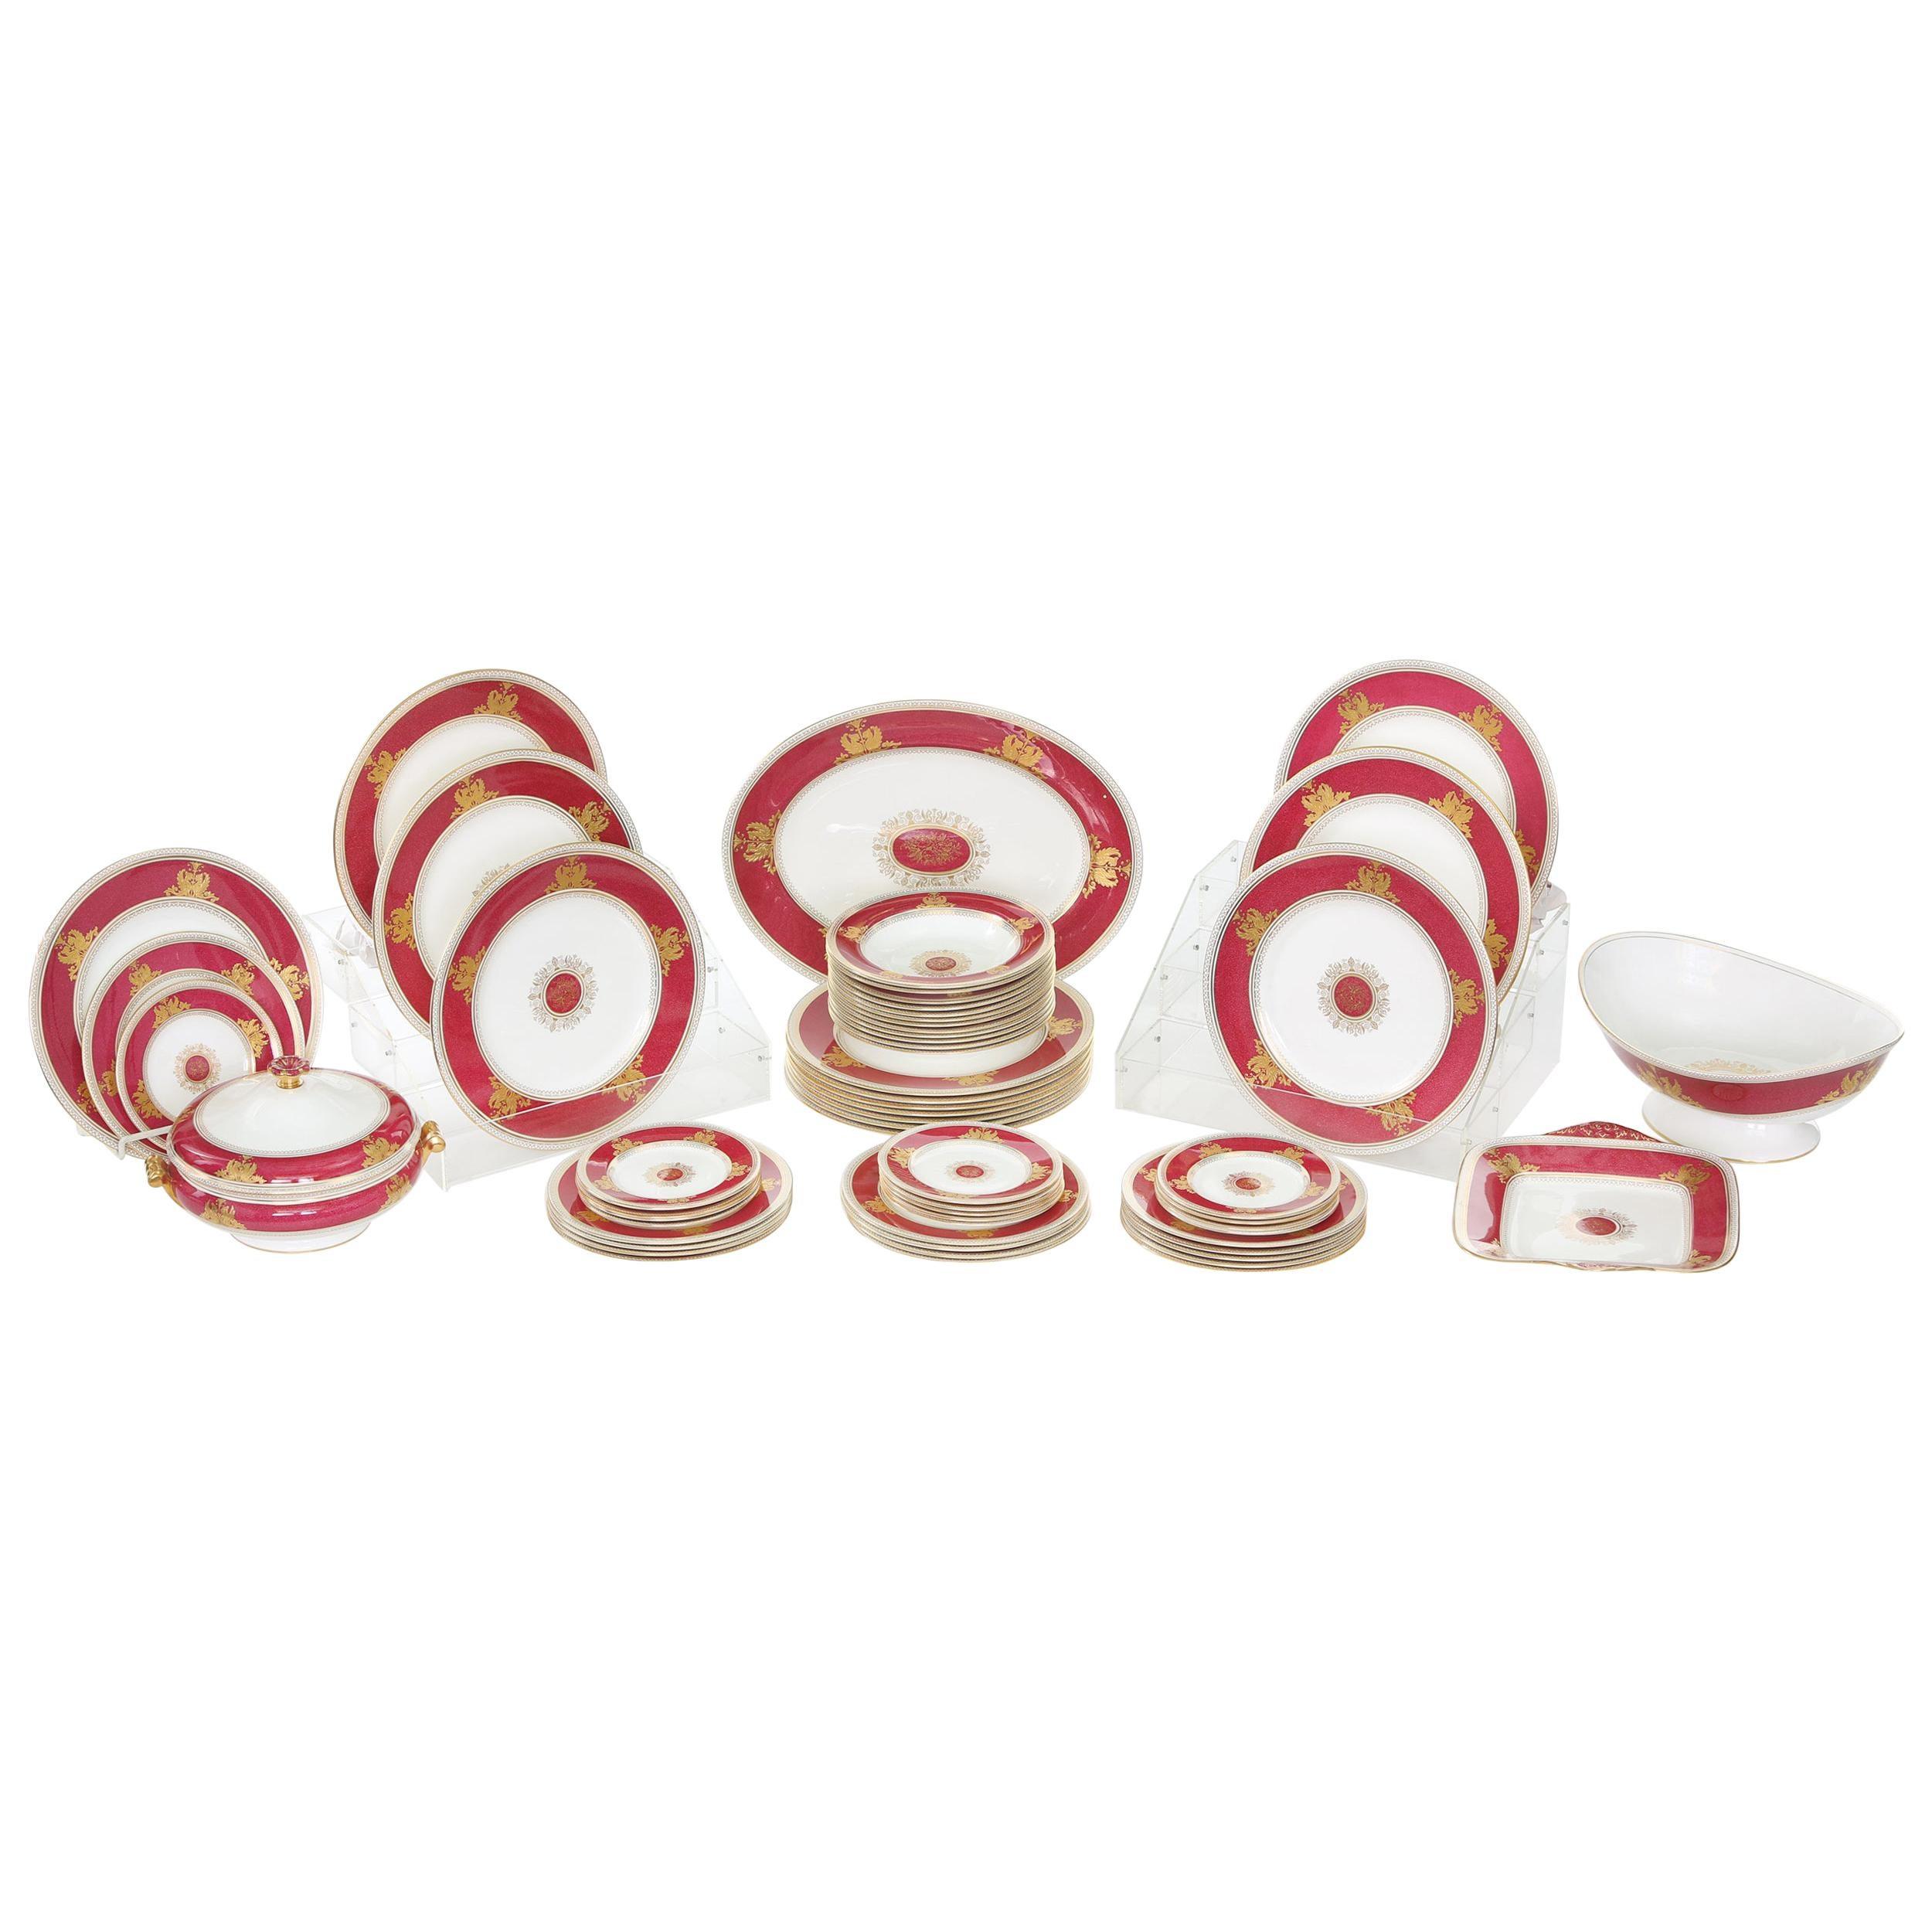 Wedgwood Porcelain Dinner Service for Twelve People